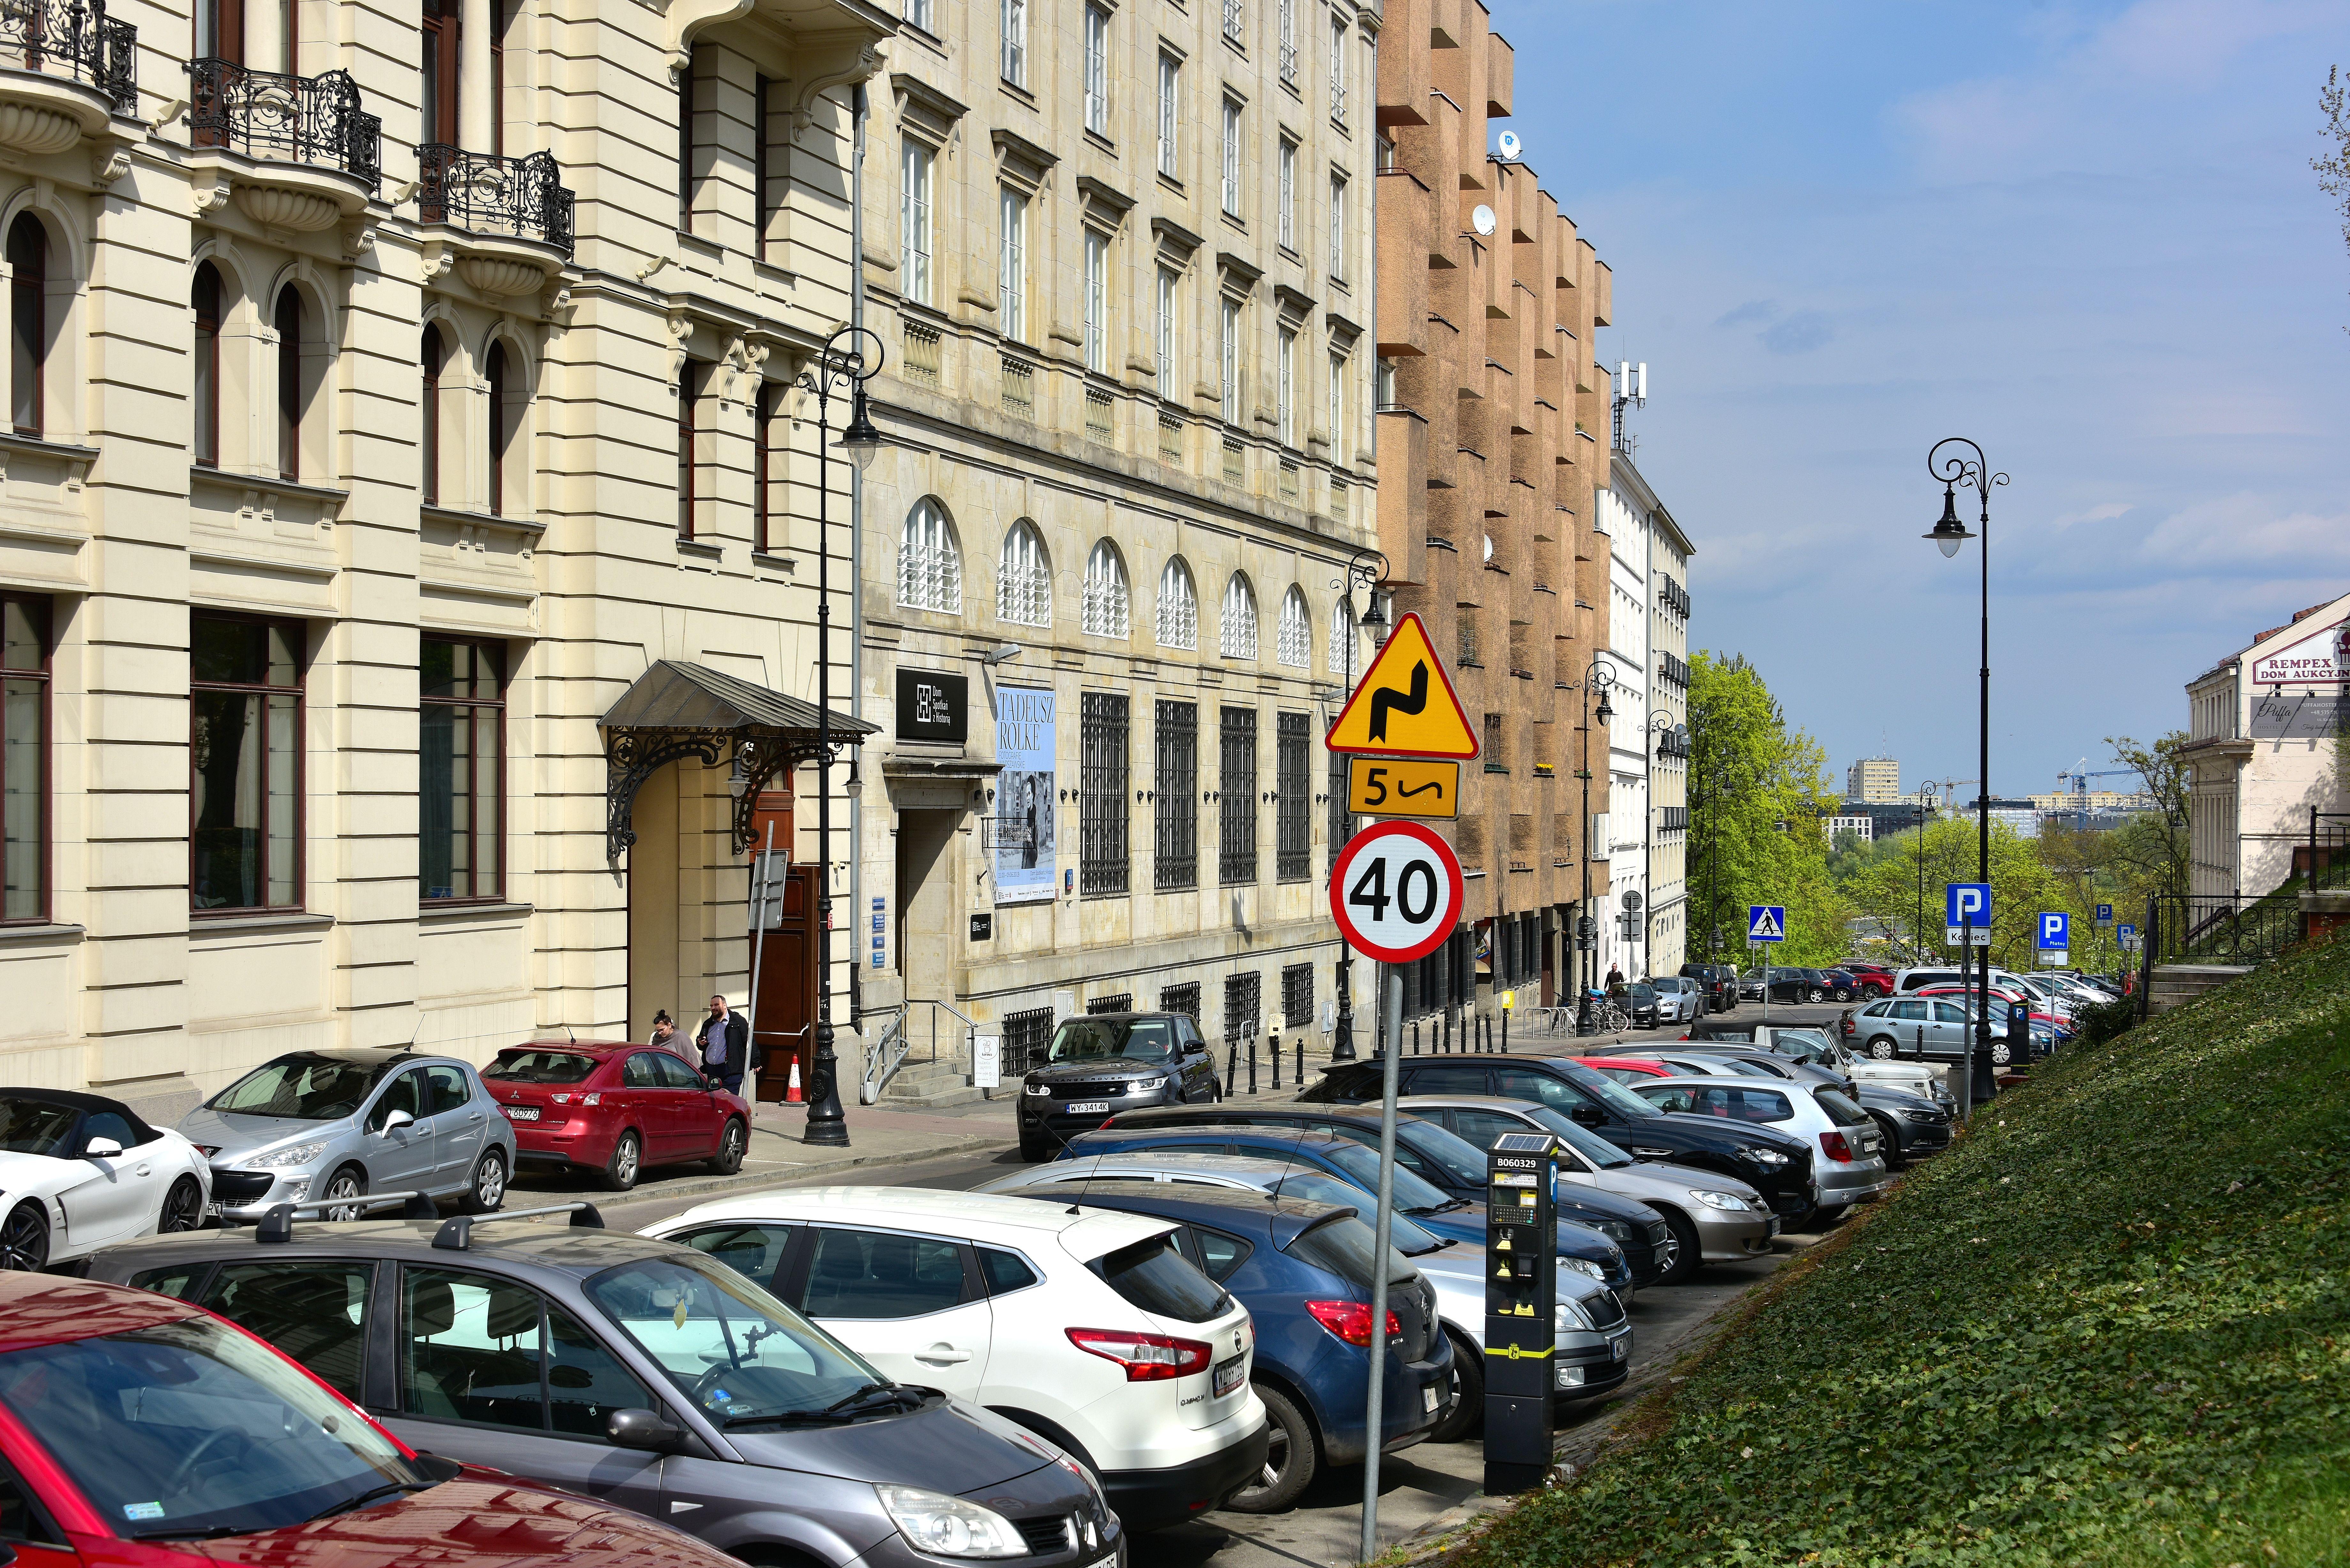 Ulica Karowa w Warszawie 2019.jpg